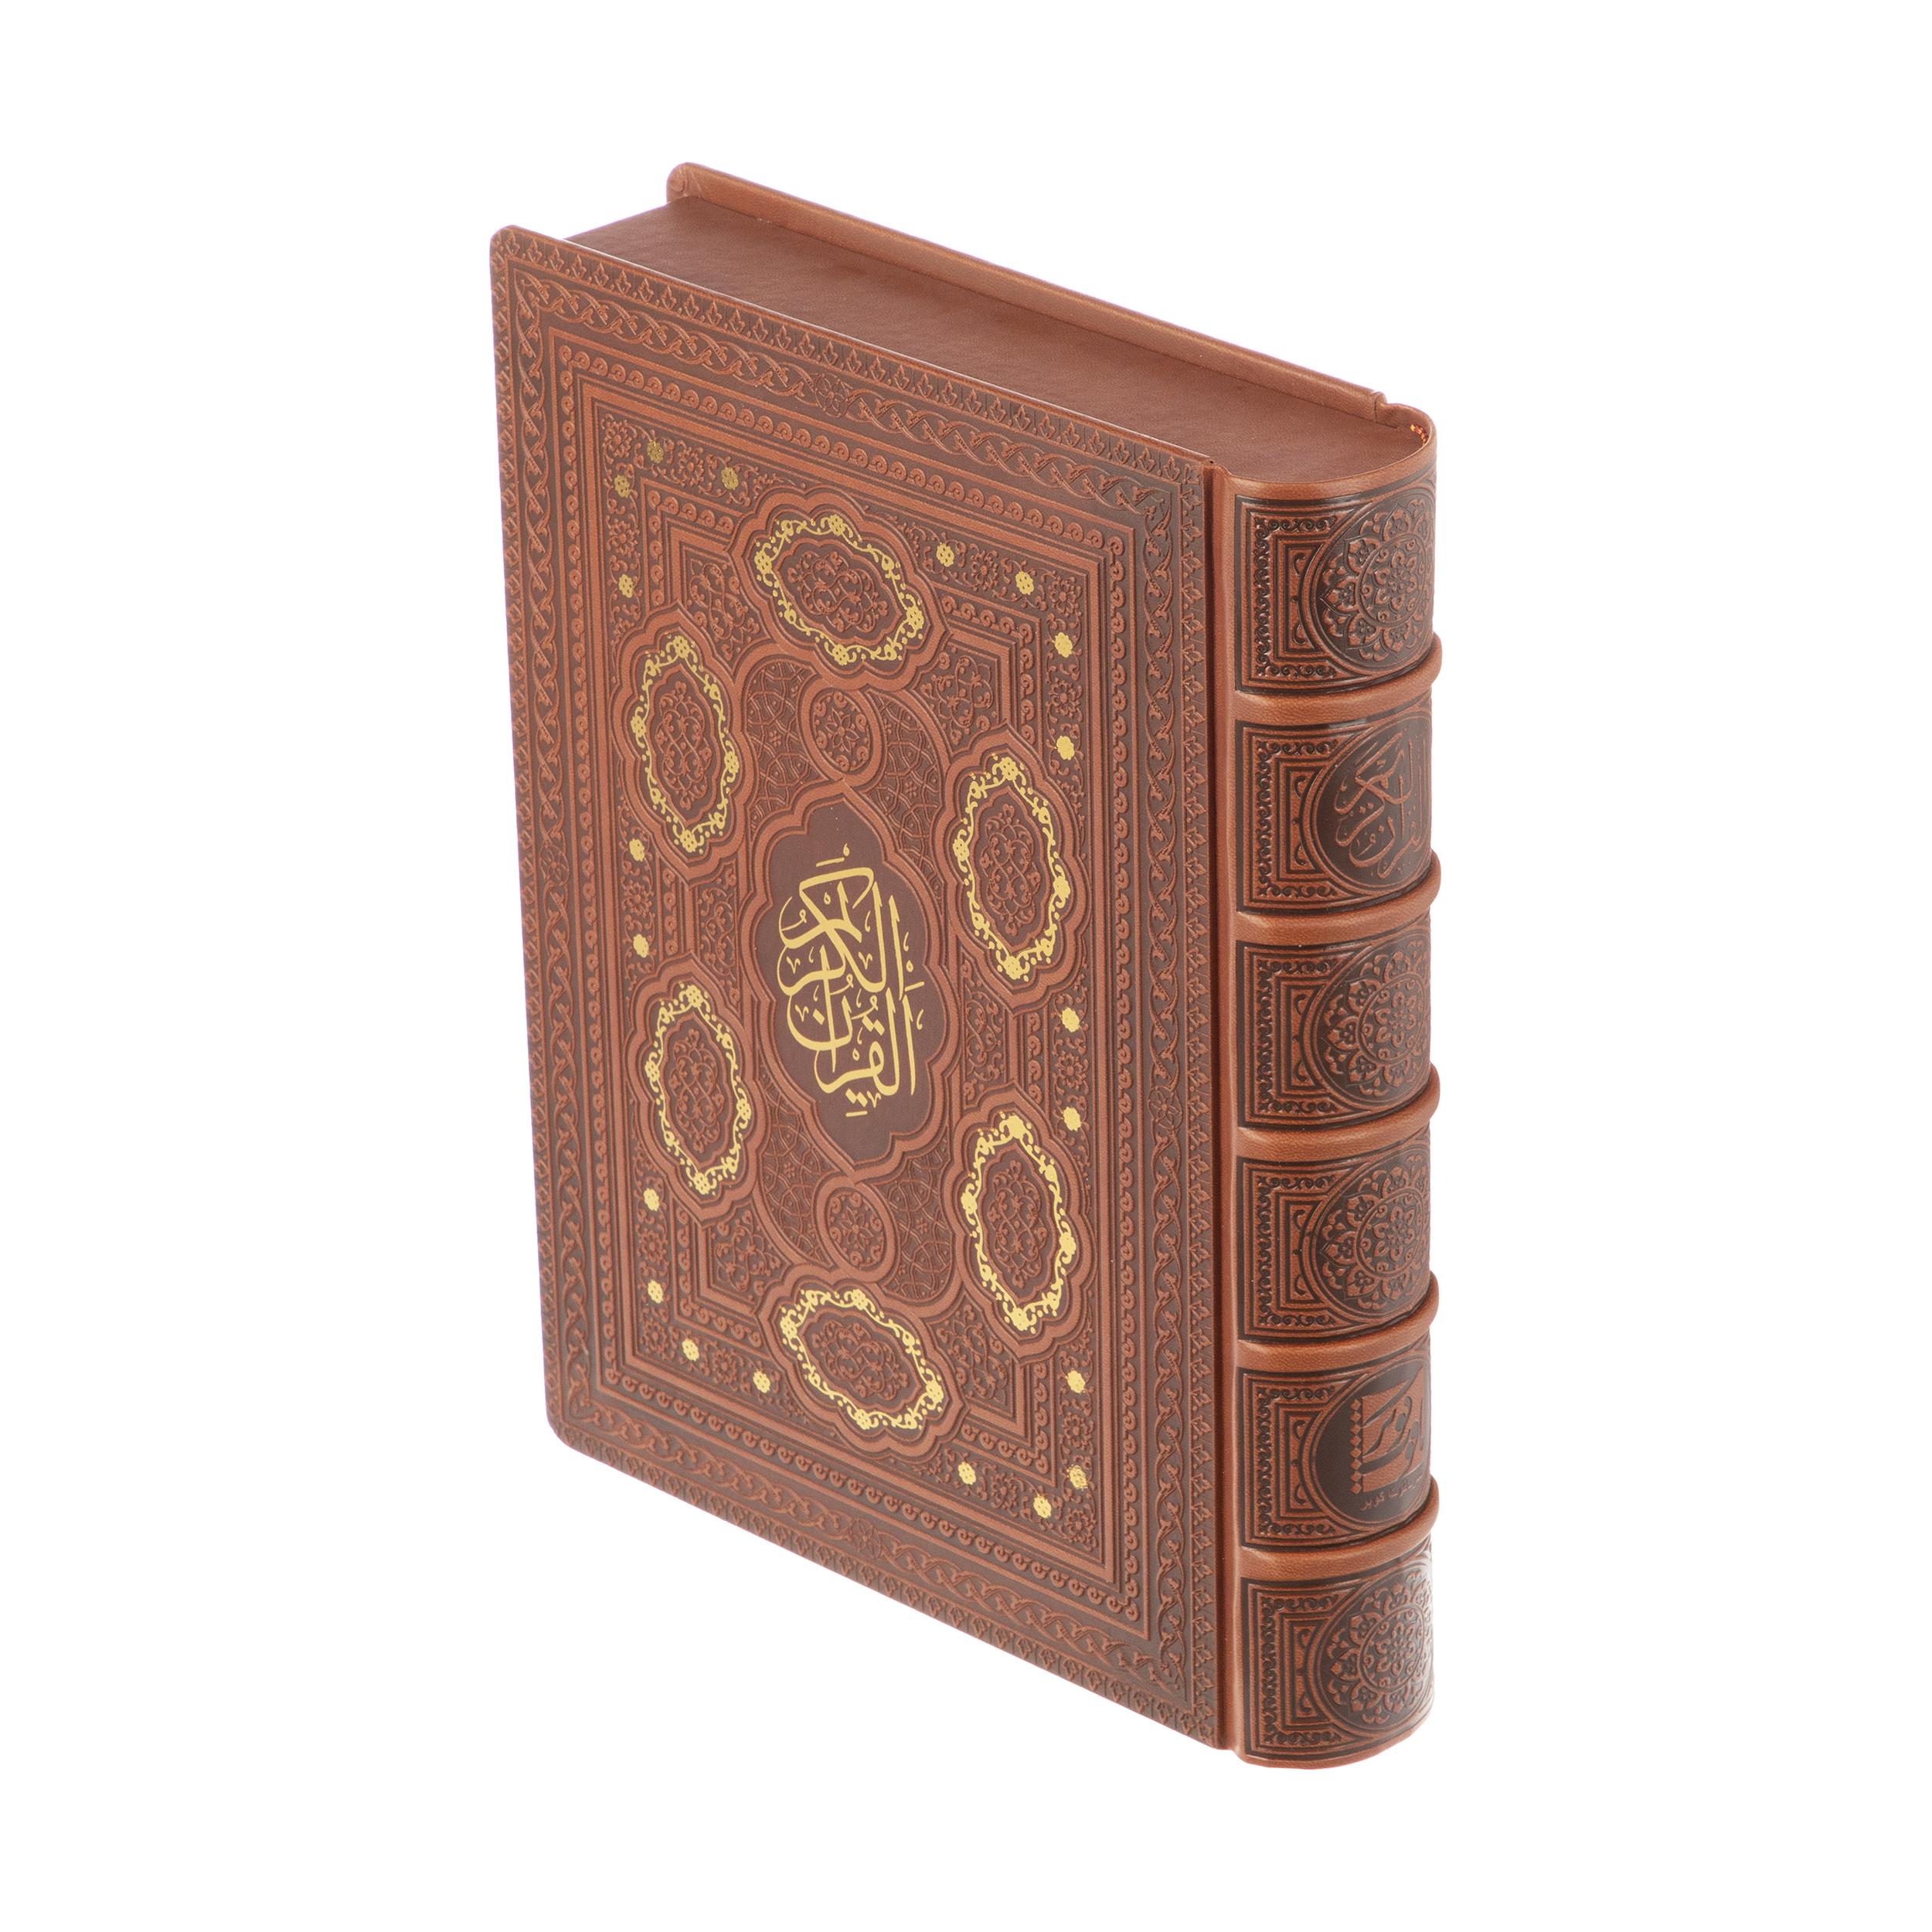 کتاب قرآن کریم ترجمه حسین انصاریان نشر یاقوت کویر